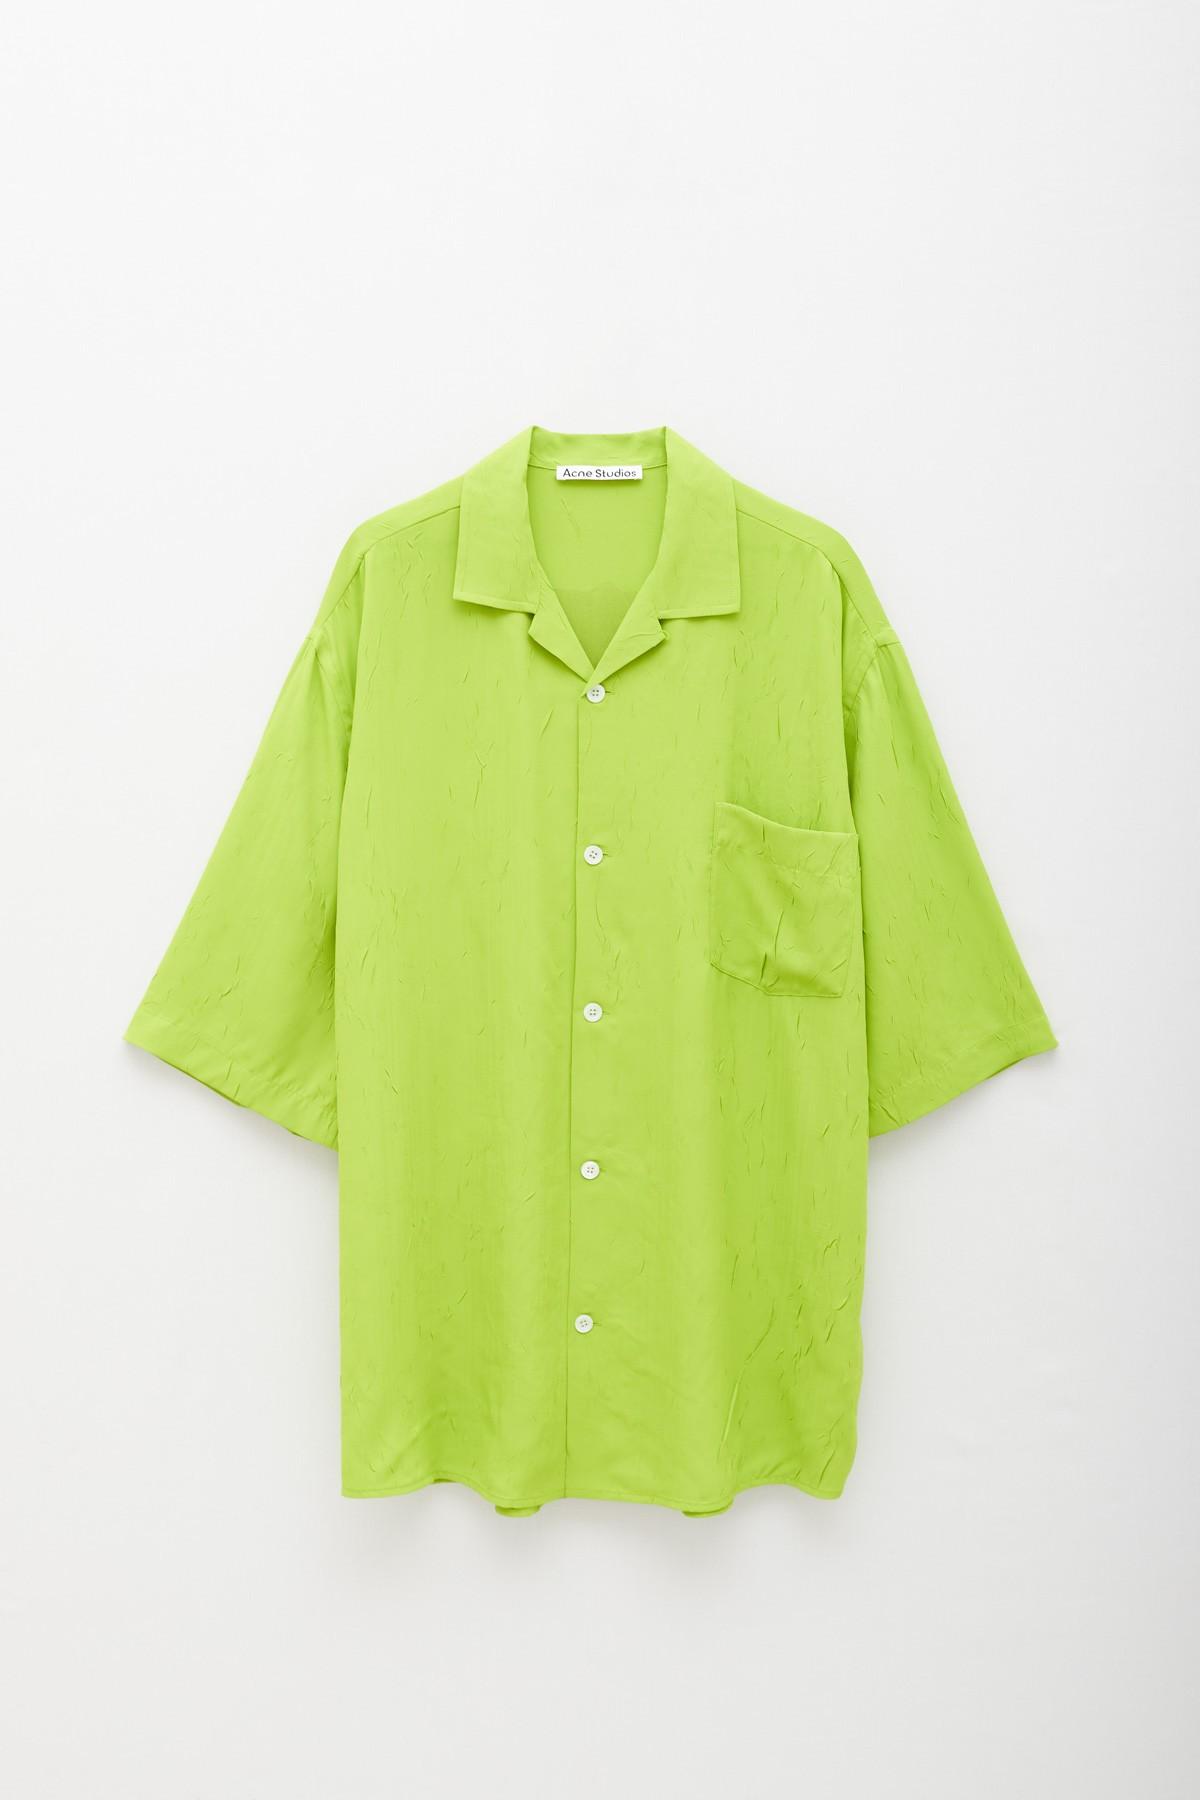 Comprar Stussy Black Stock Logo Hoodie